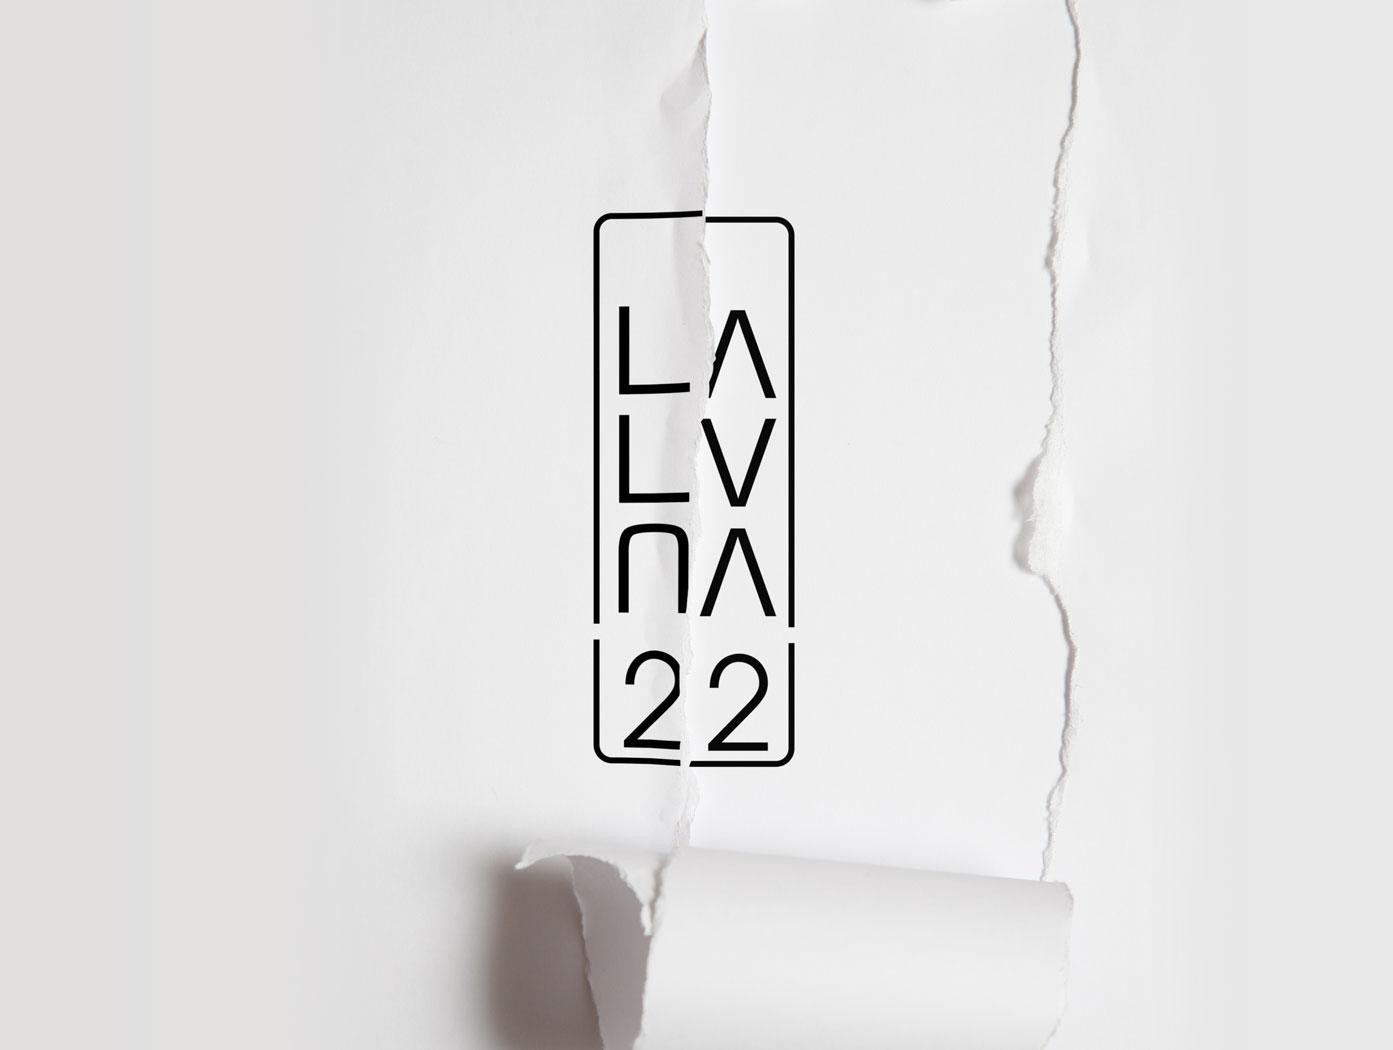 RESTAURANTE LA LUNA 22